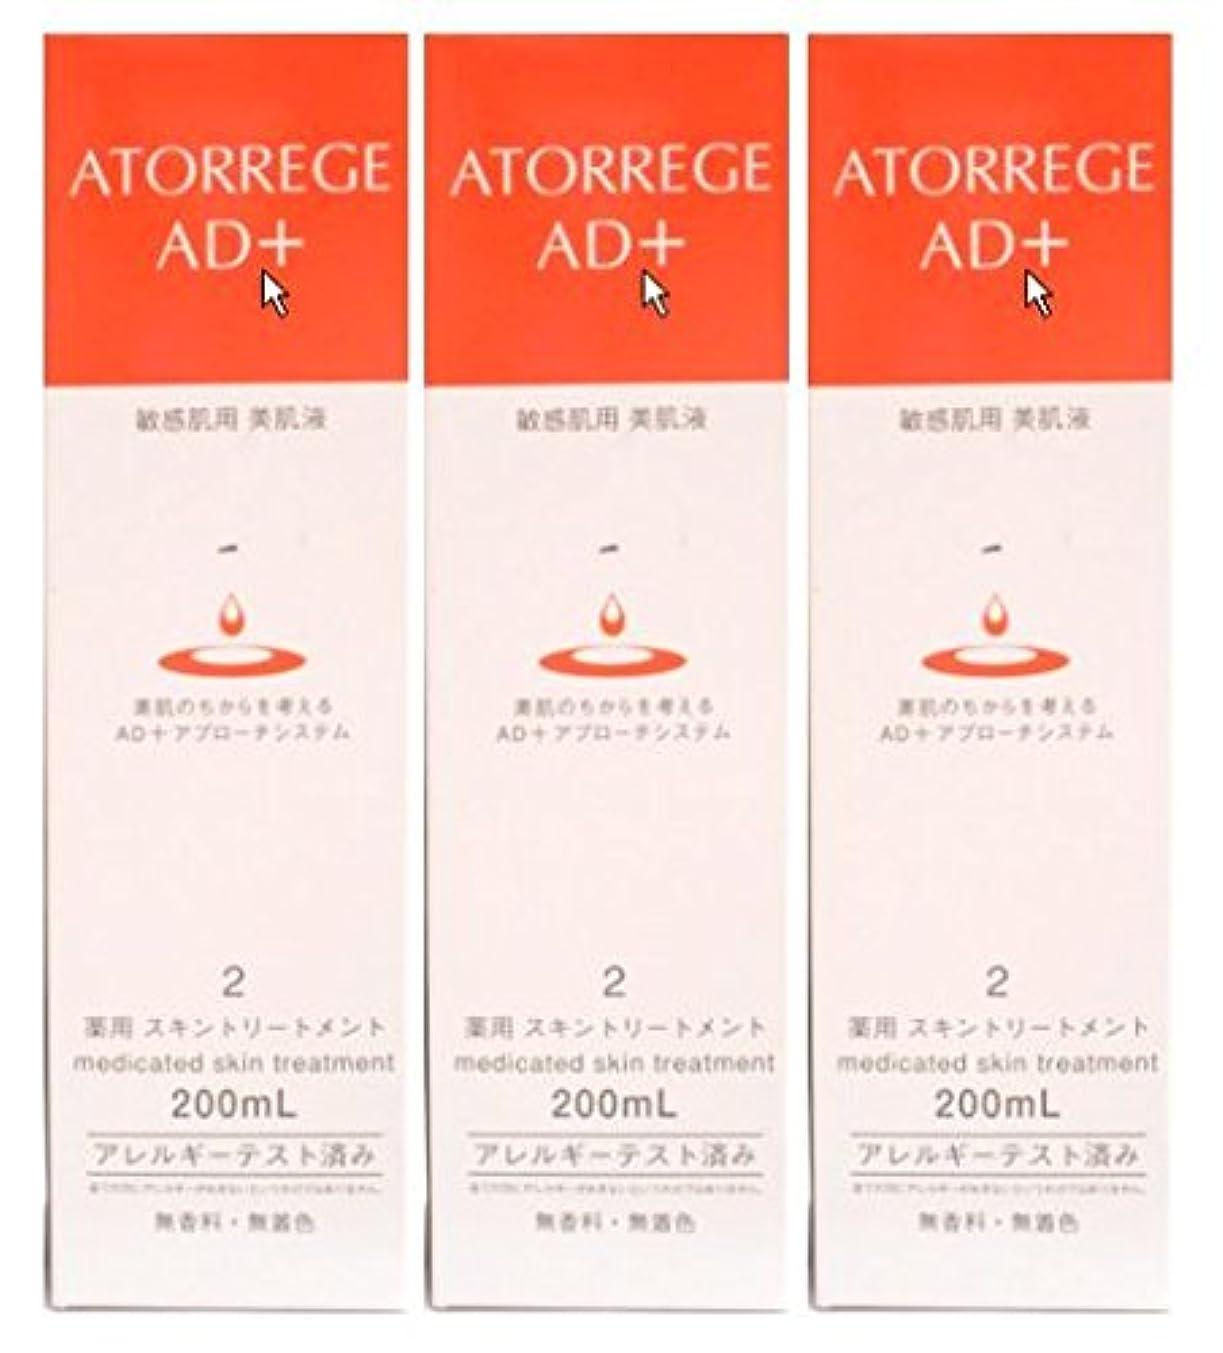 一人で純粋な砂利(お買い得3本セット)アトレージュ AD+薬用スキントリートメント 200ml(敏感肌用化粧水)(医薬部外品)